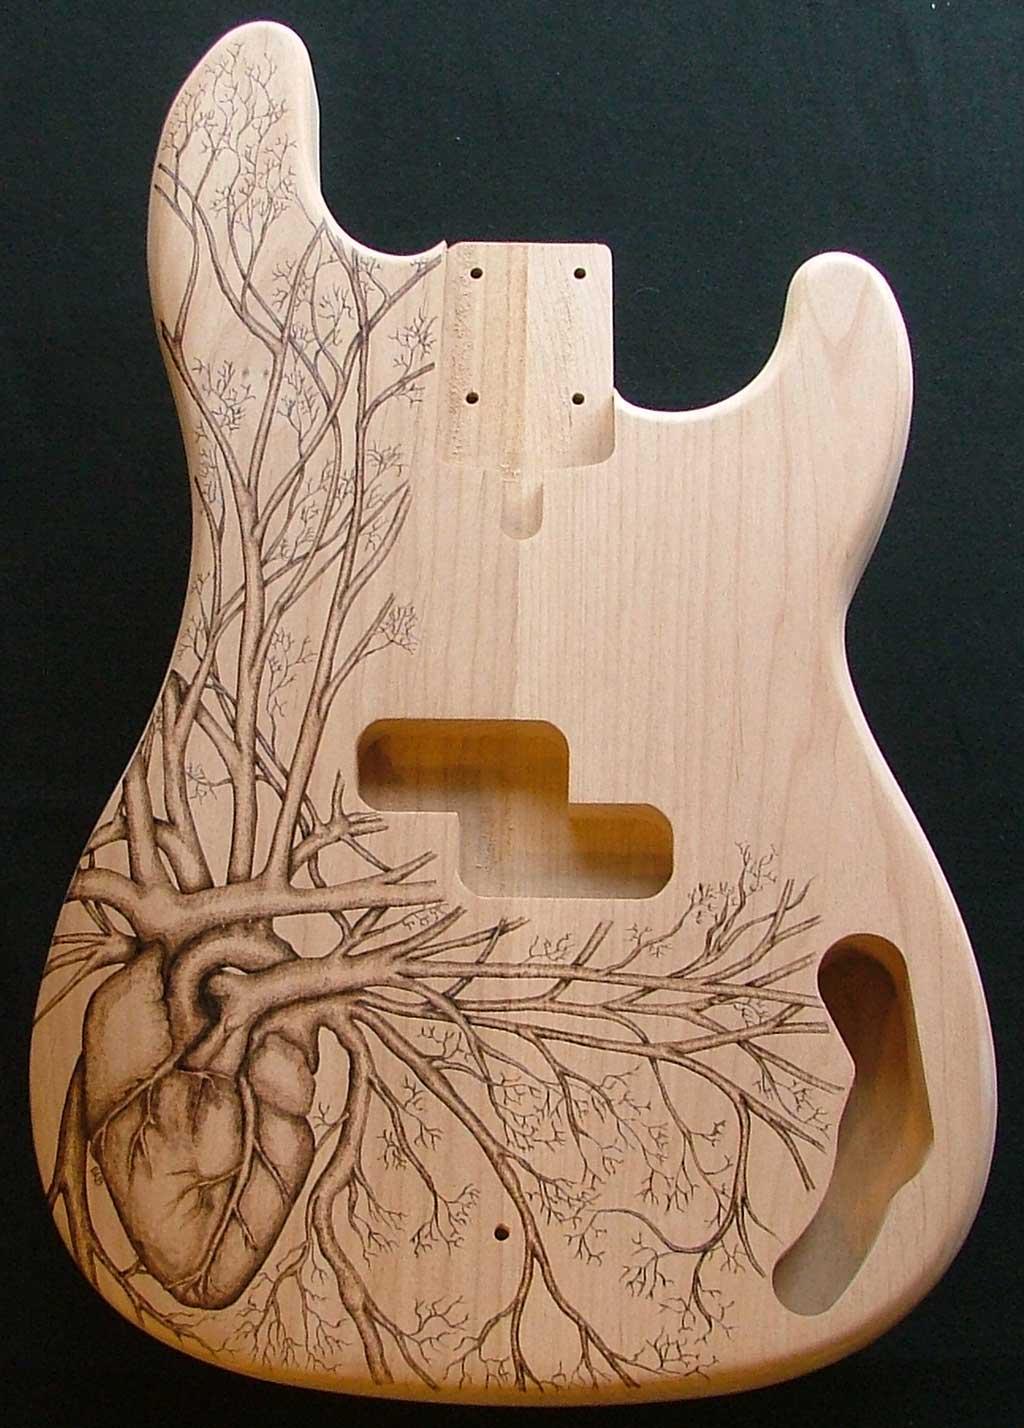 Lichtenberg Wood Burning Art